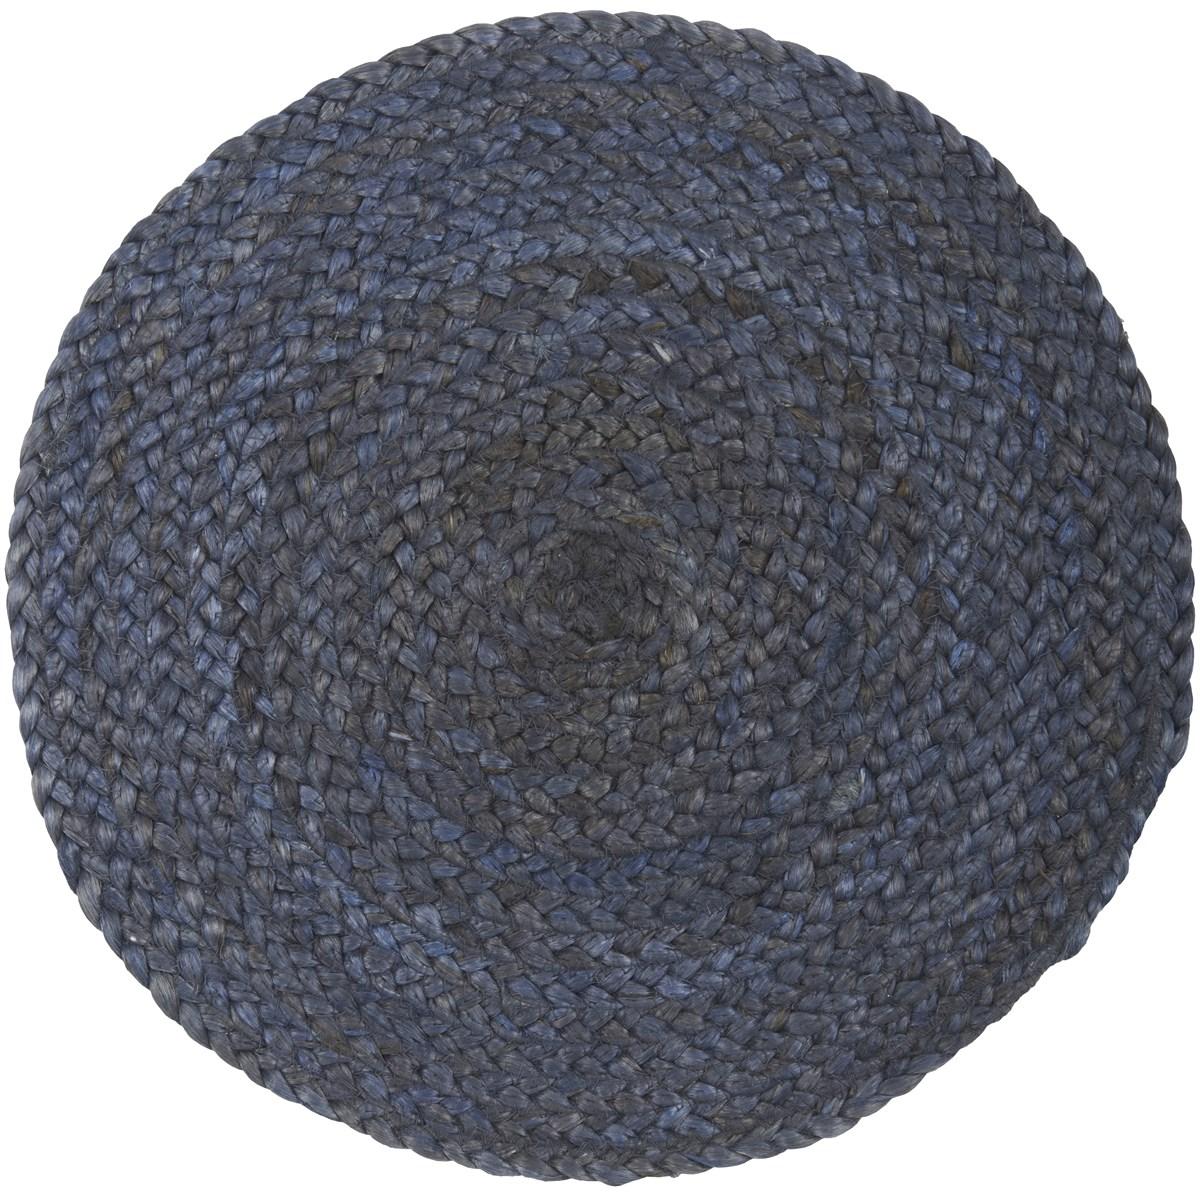 Billede af IB LAURSEN Dækkeserviet støvblåt jute